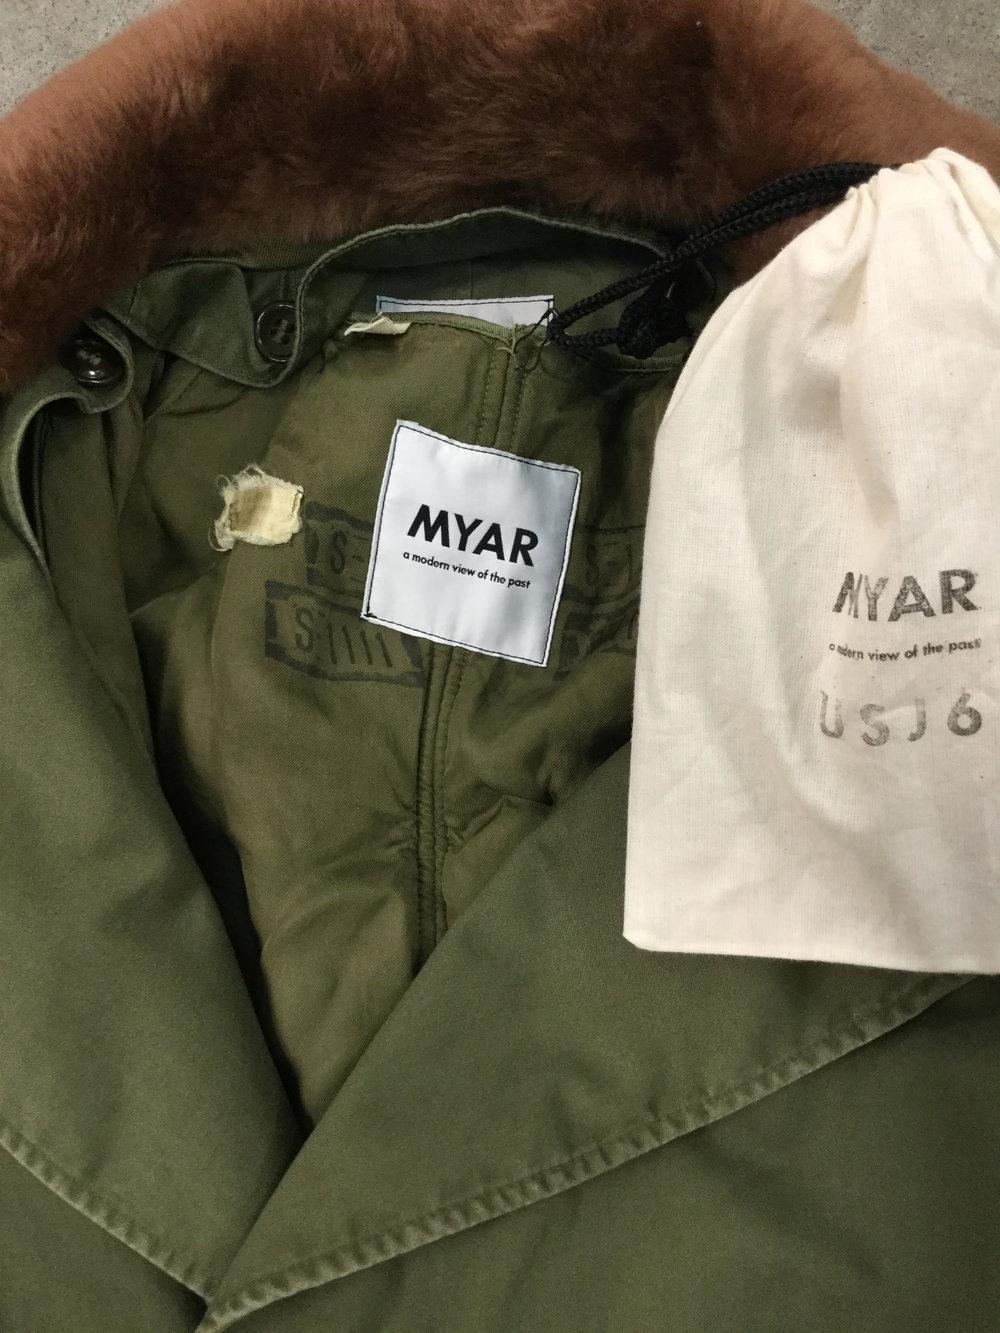 MYAR_USJ6